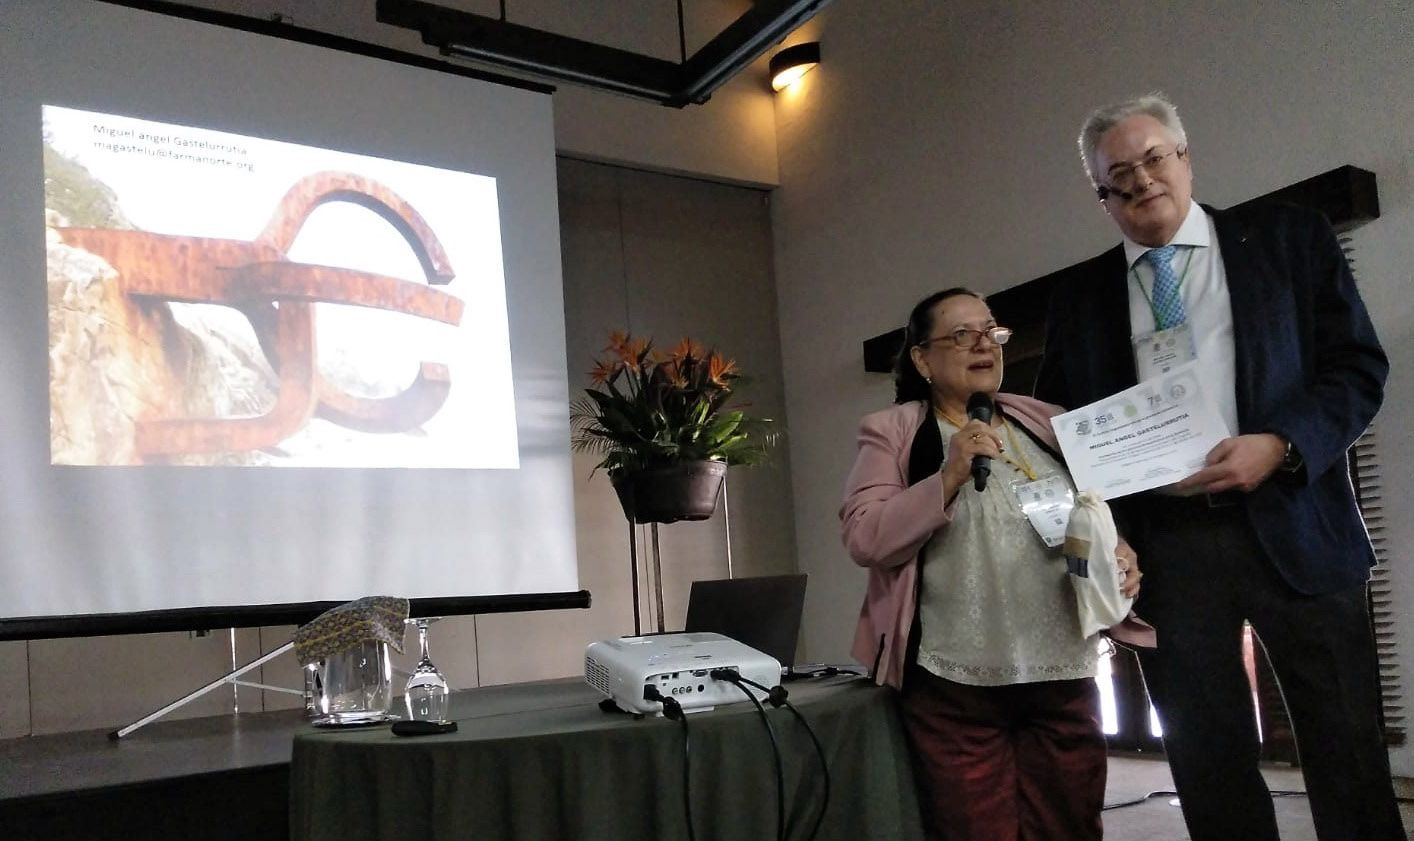 Foto de Foto: Miguel Ángel Gastelurrutia tras su intervención en el